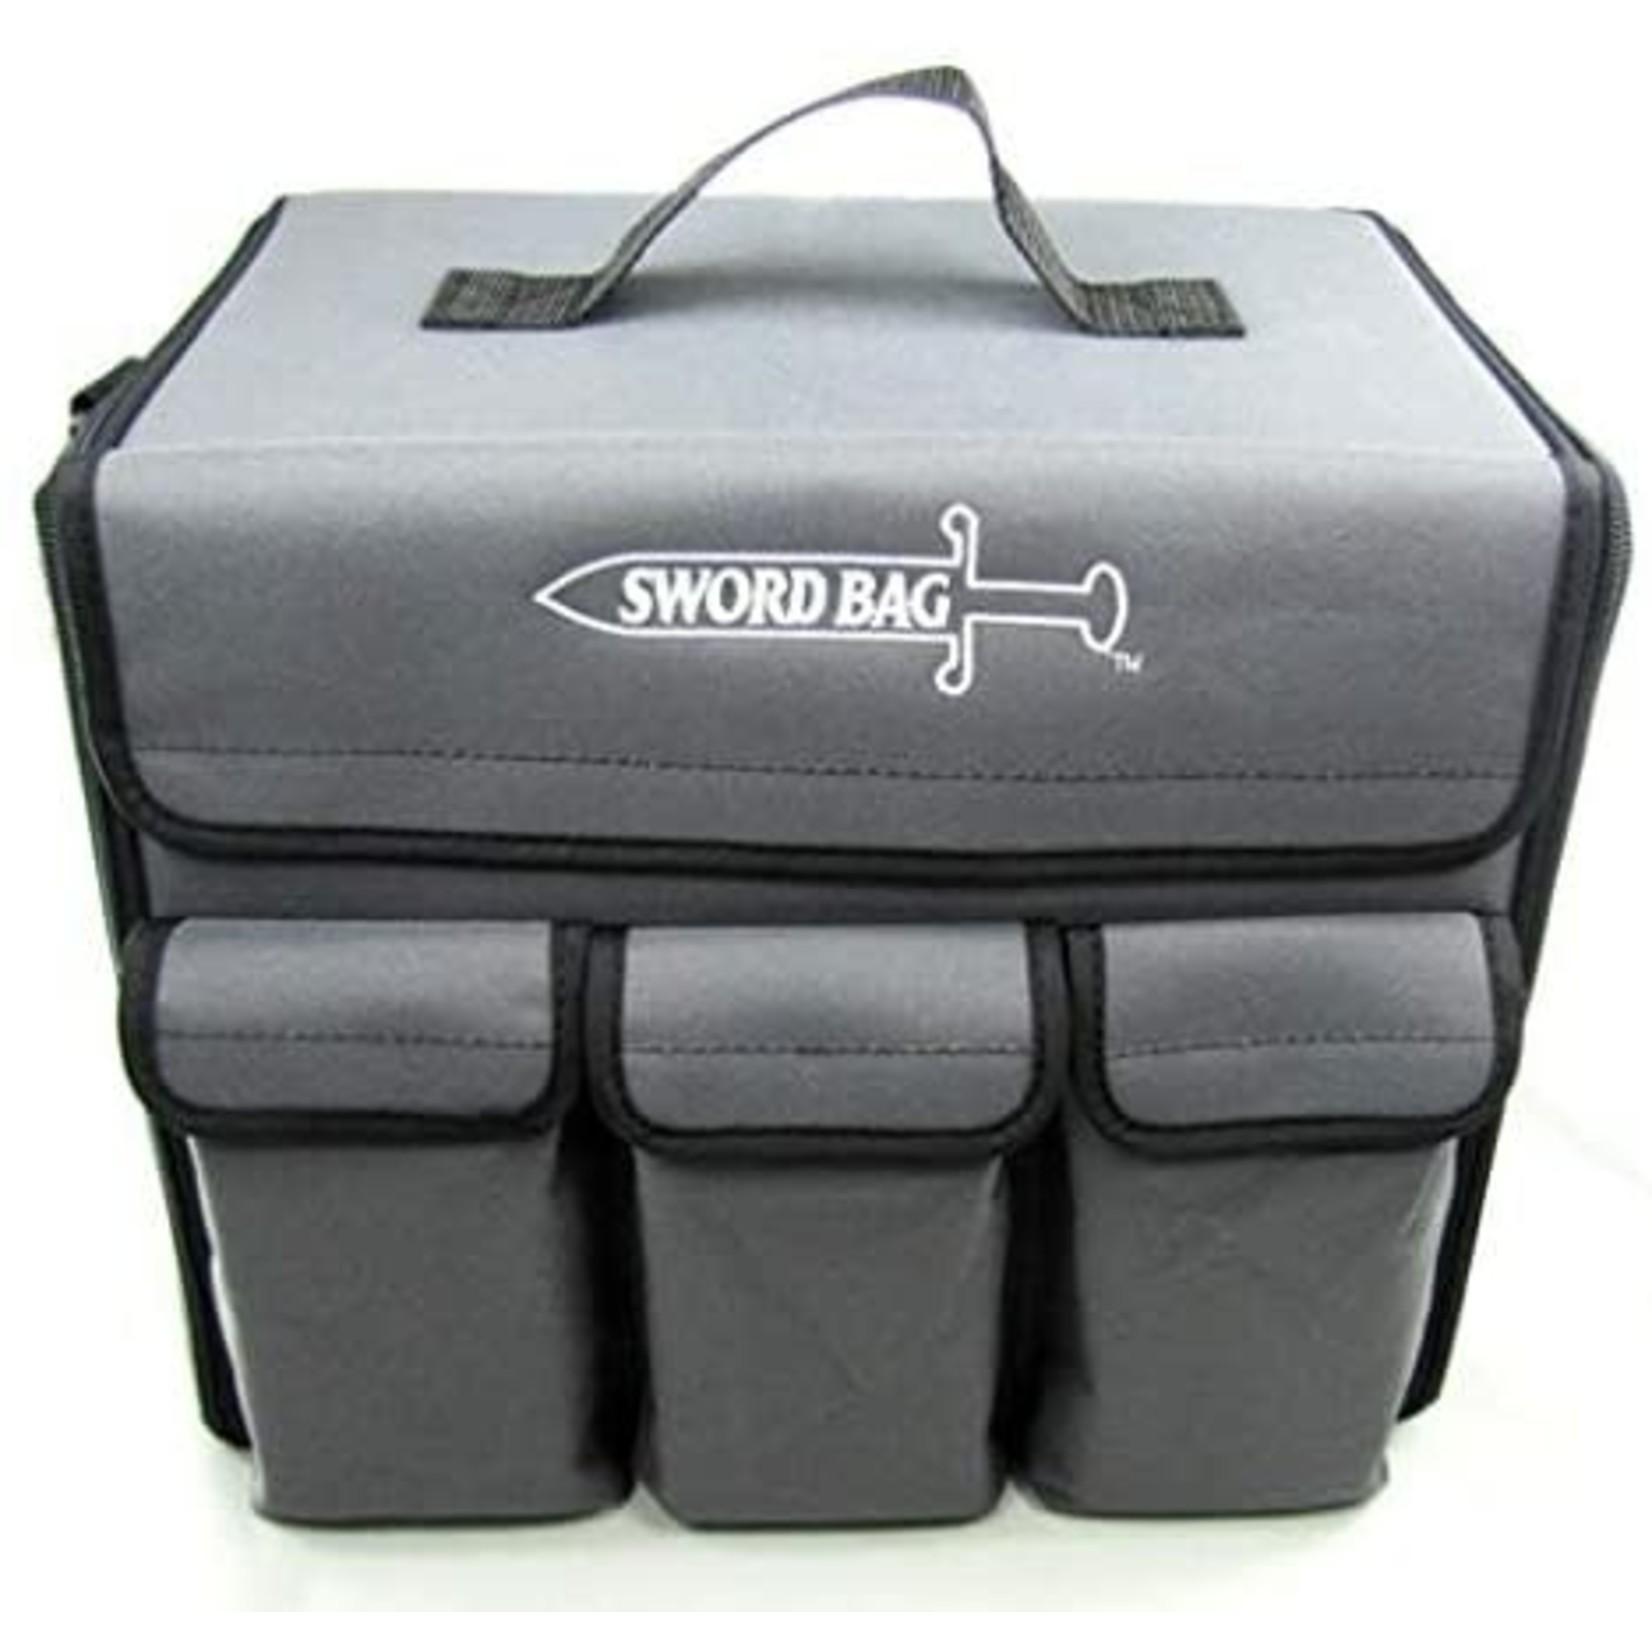 Battle Foam BF Sword Bag Pluck Foam